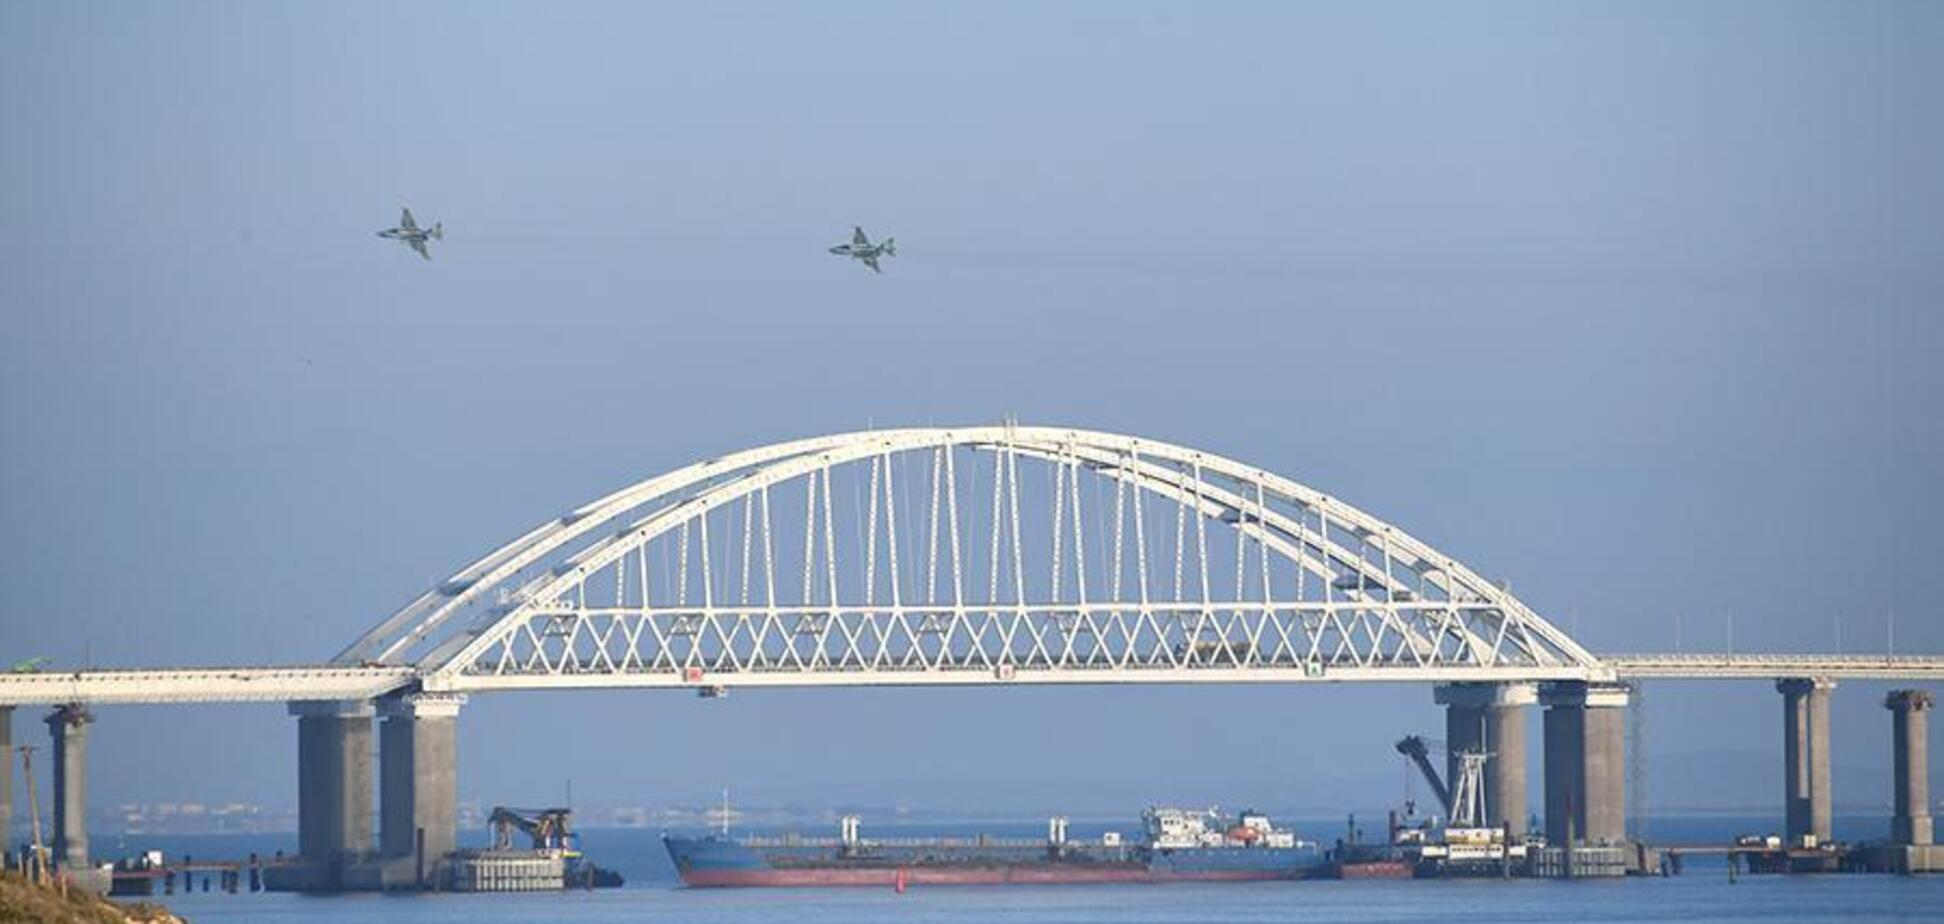 ''Готові до висадки десанту!'' Командувач ВМС України озвучив відповідь на атаку РФ